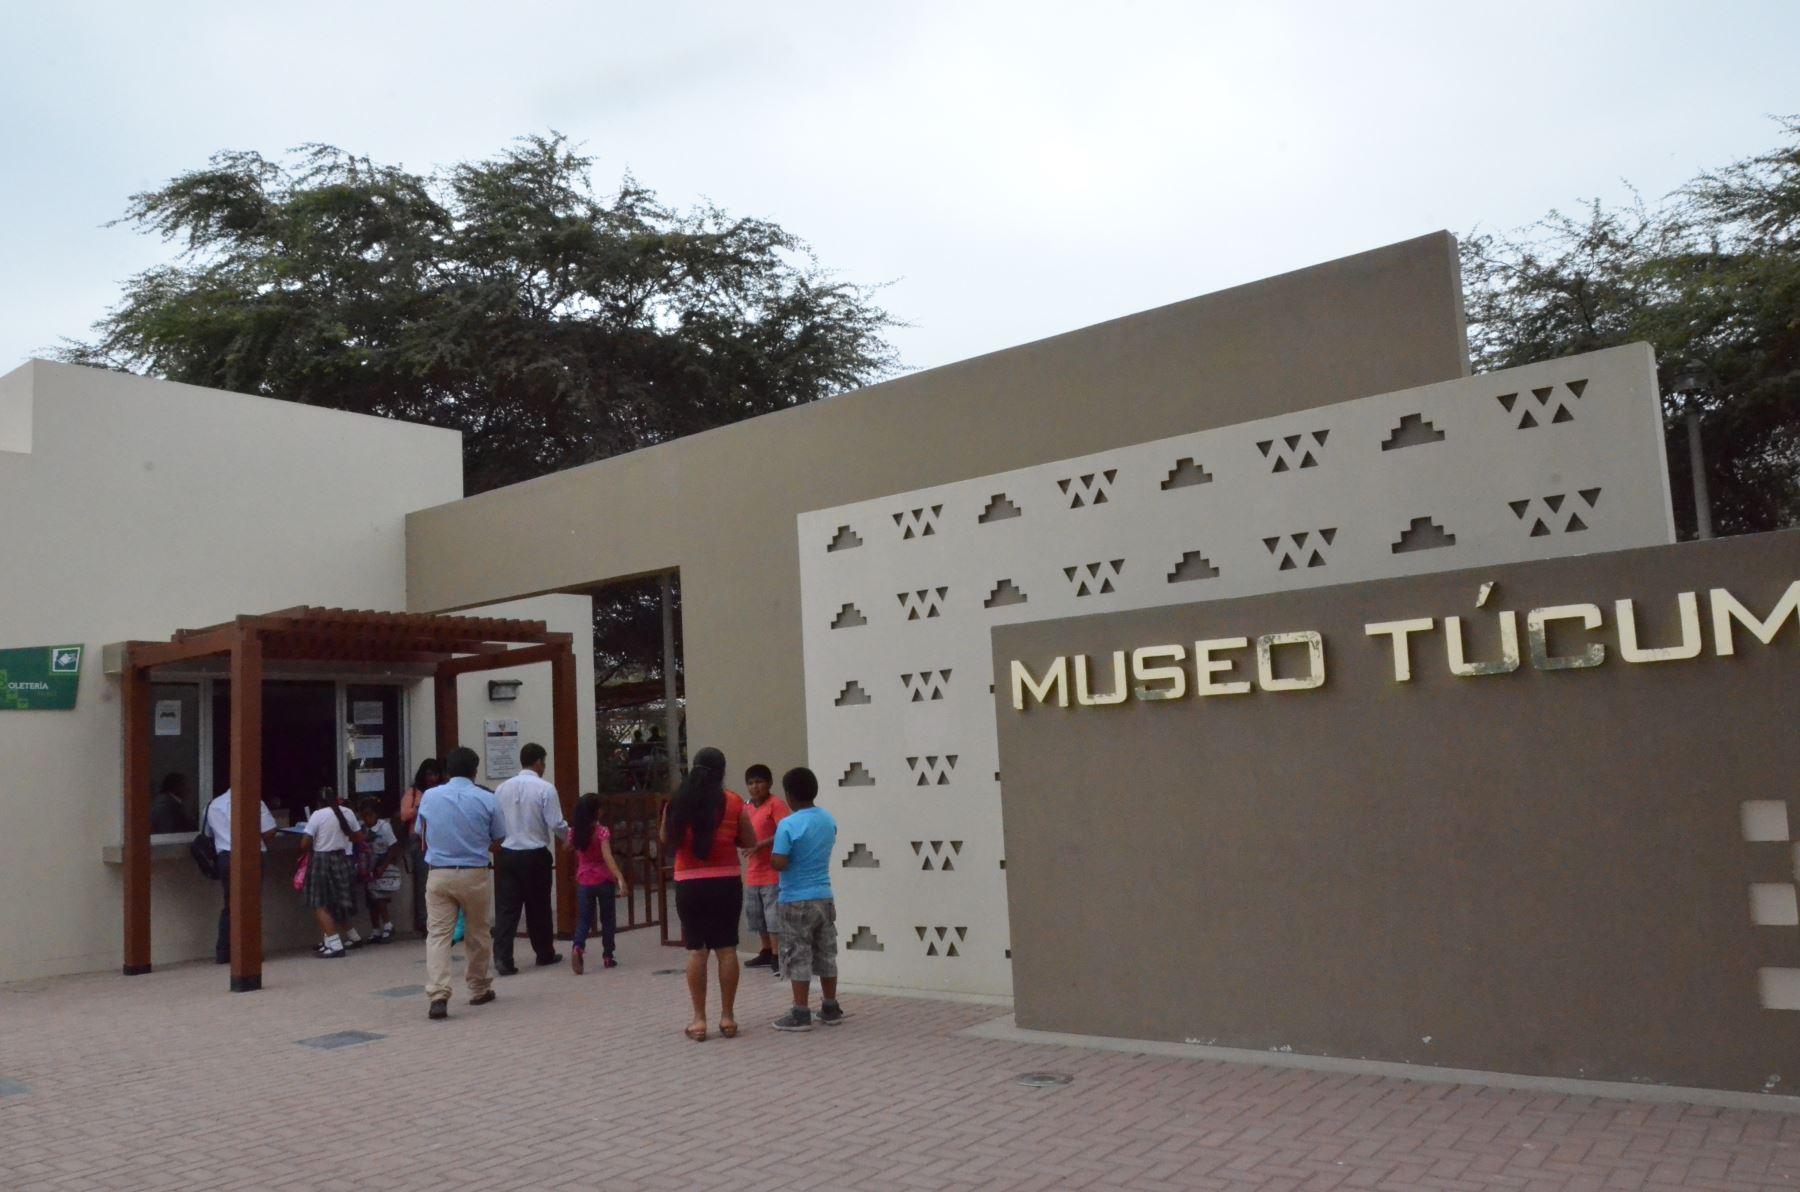 Desde hoy y hasta el 15 de noviembre es gratuito el ingreso a los museos y monumentos arqueológicos prehispánicos administrados por el Ministerio de Cultura y que cumplen con los lineamientos y protocolos de seguridad sanitaria establecidos para prevenir el contagio del covid-19. Uno de ellos es el museo Túcume, ubicado en la región Lambayeque.ANDINA